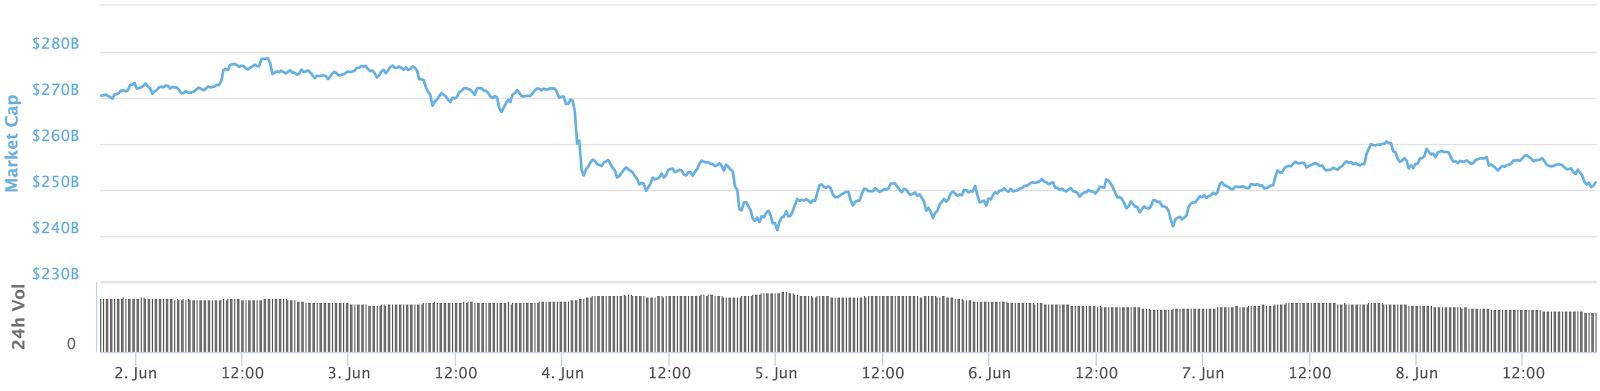 Gráfico de 7 dias da capitalização de mercado total.  Fonte: CoinMarketCap